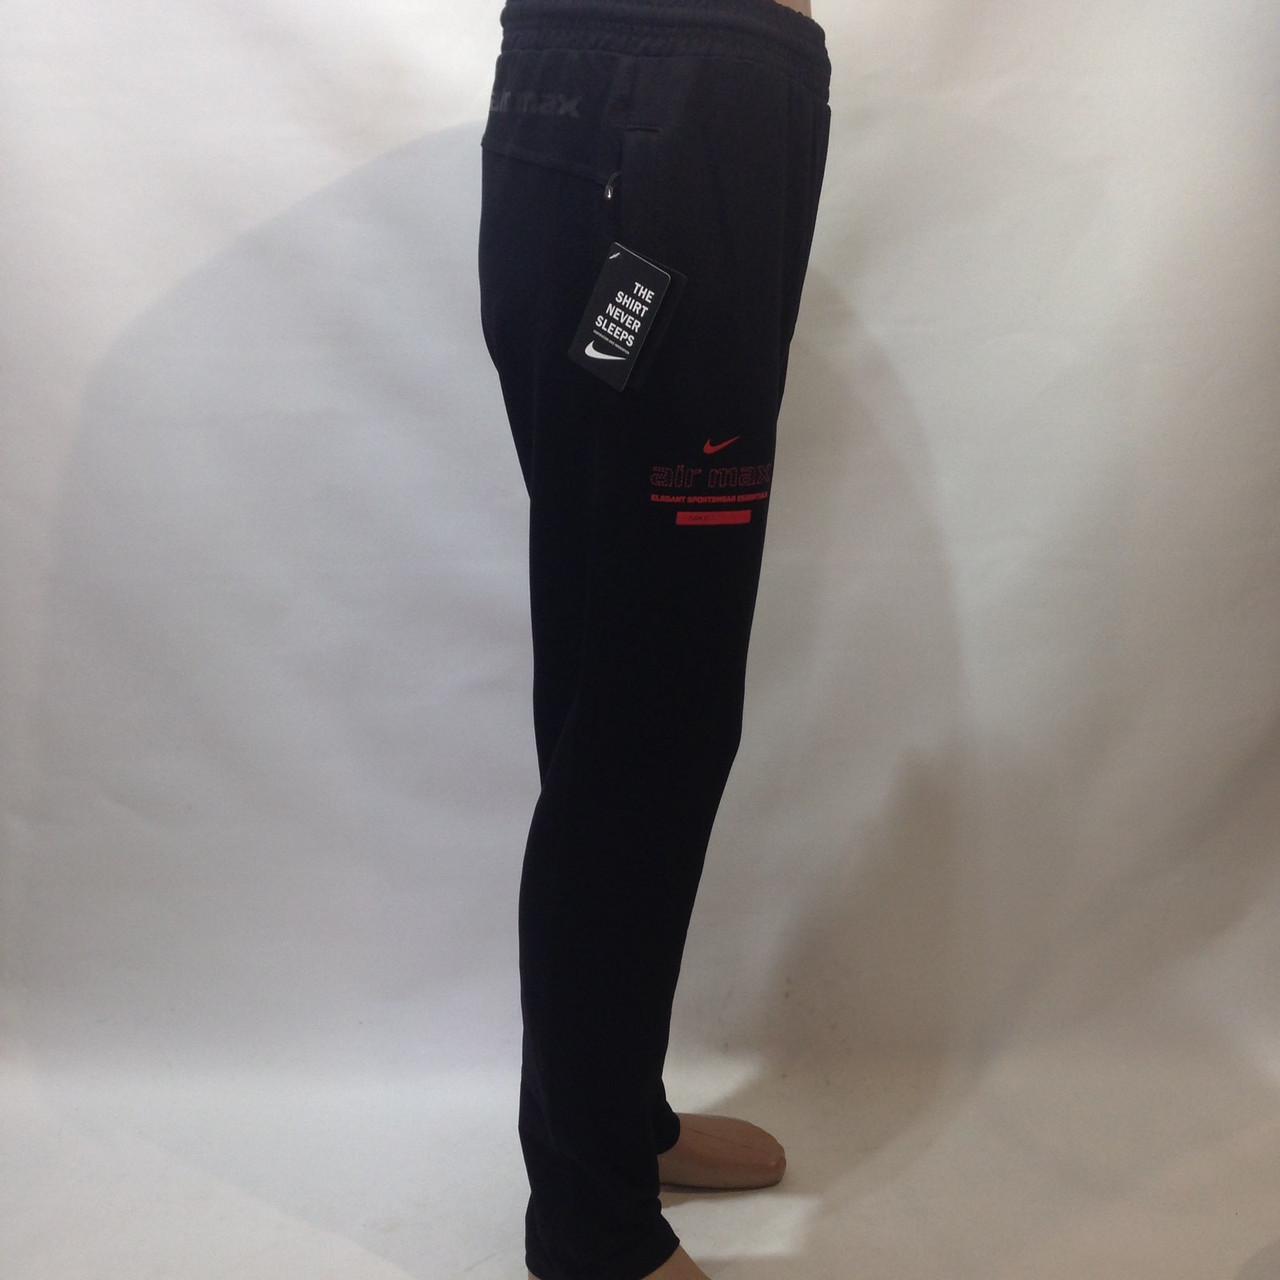 М, ХЛ р. Штаны мужские прямые черные в стиле Nike отличного качества